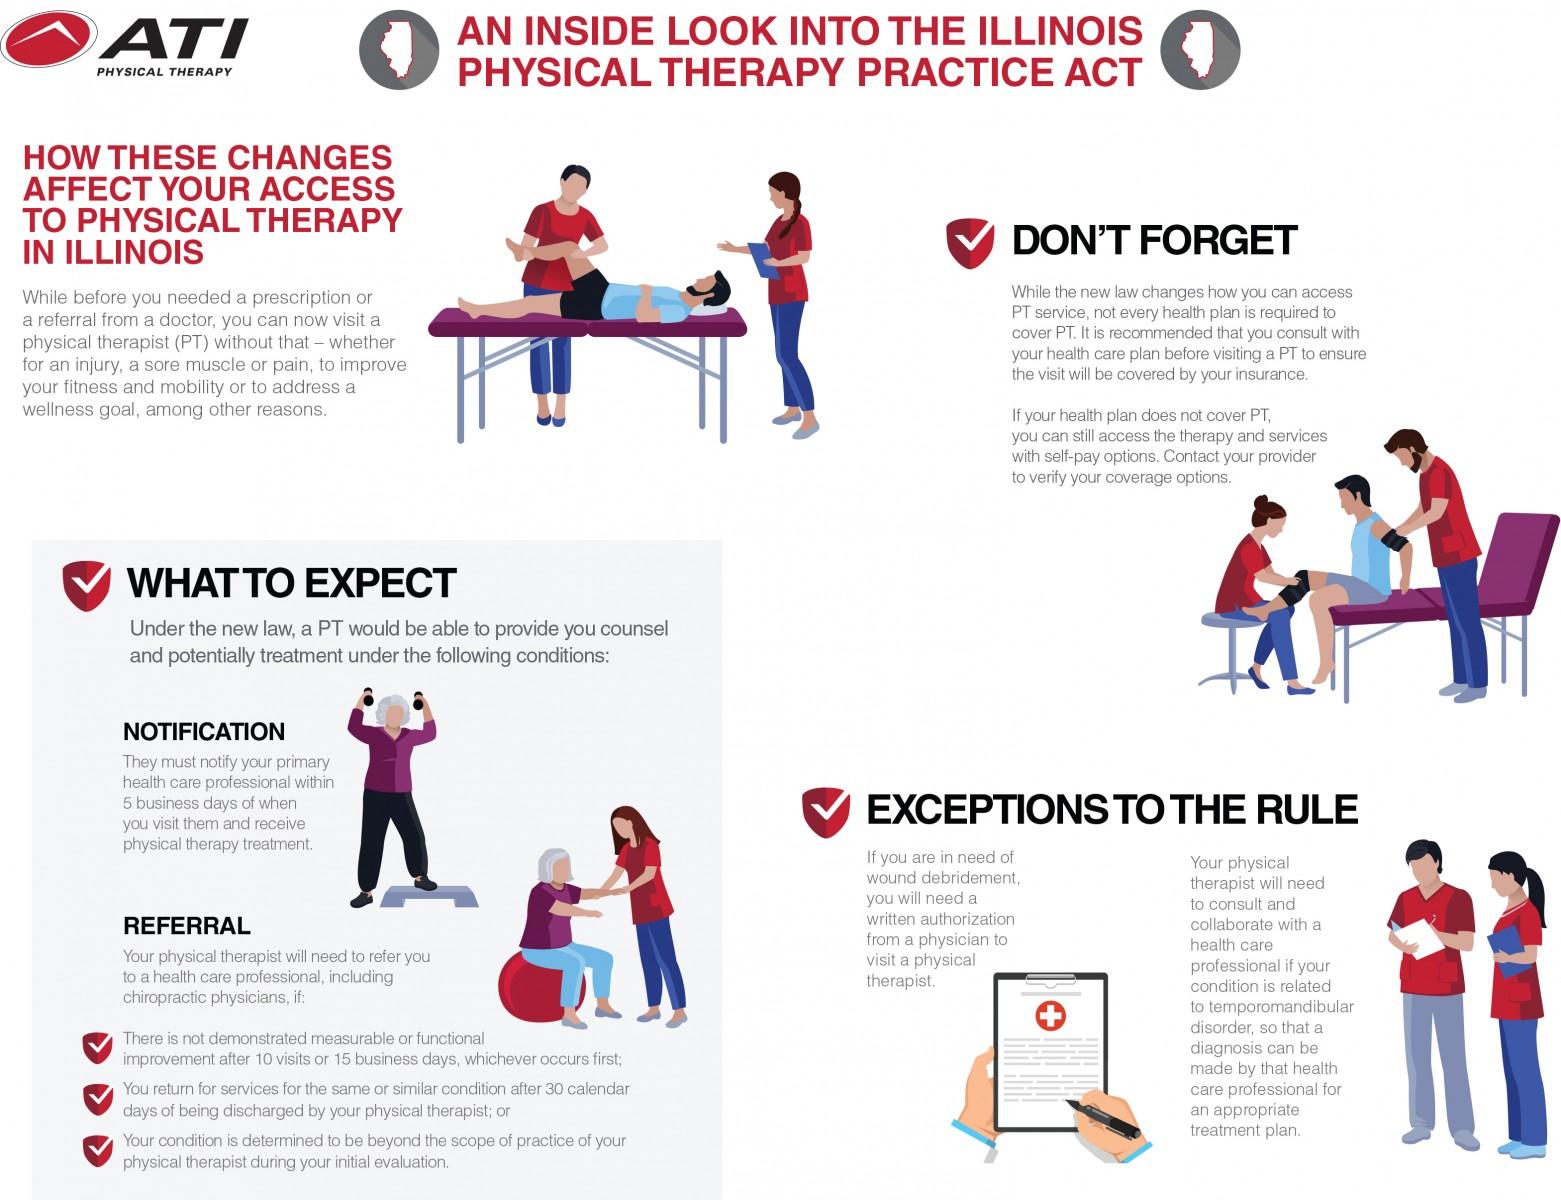 Illinois udvider adgangen til fysisk terapi-4346